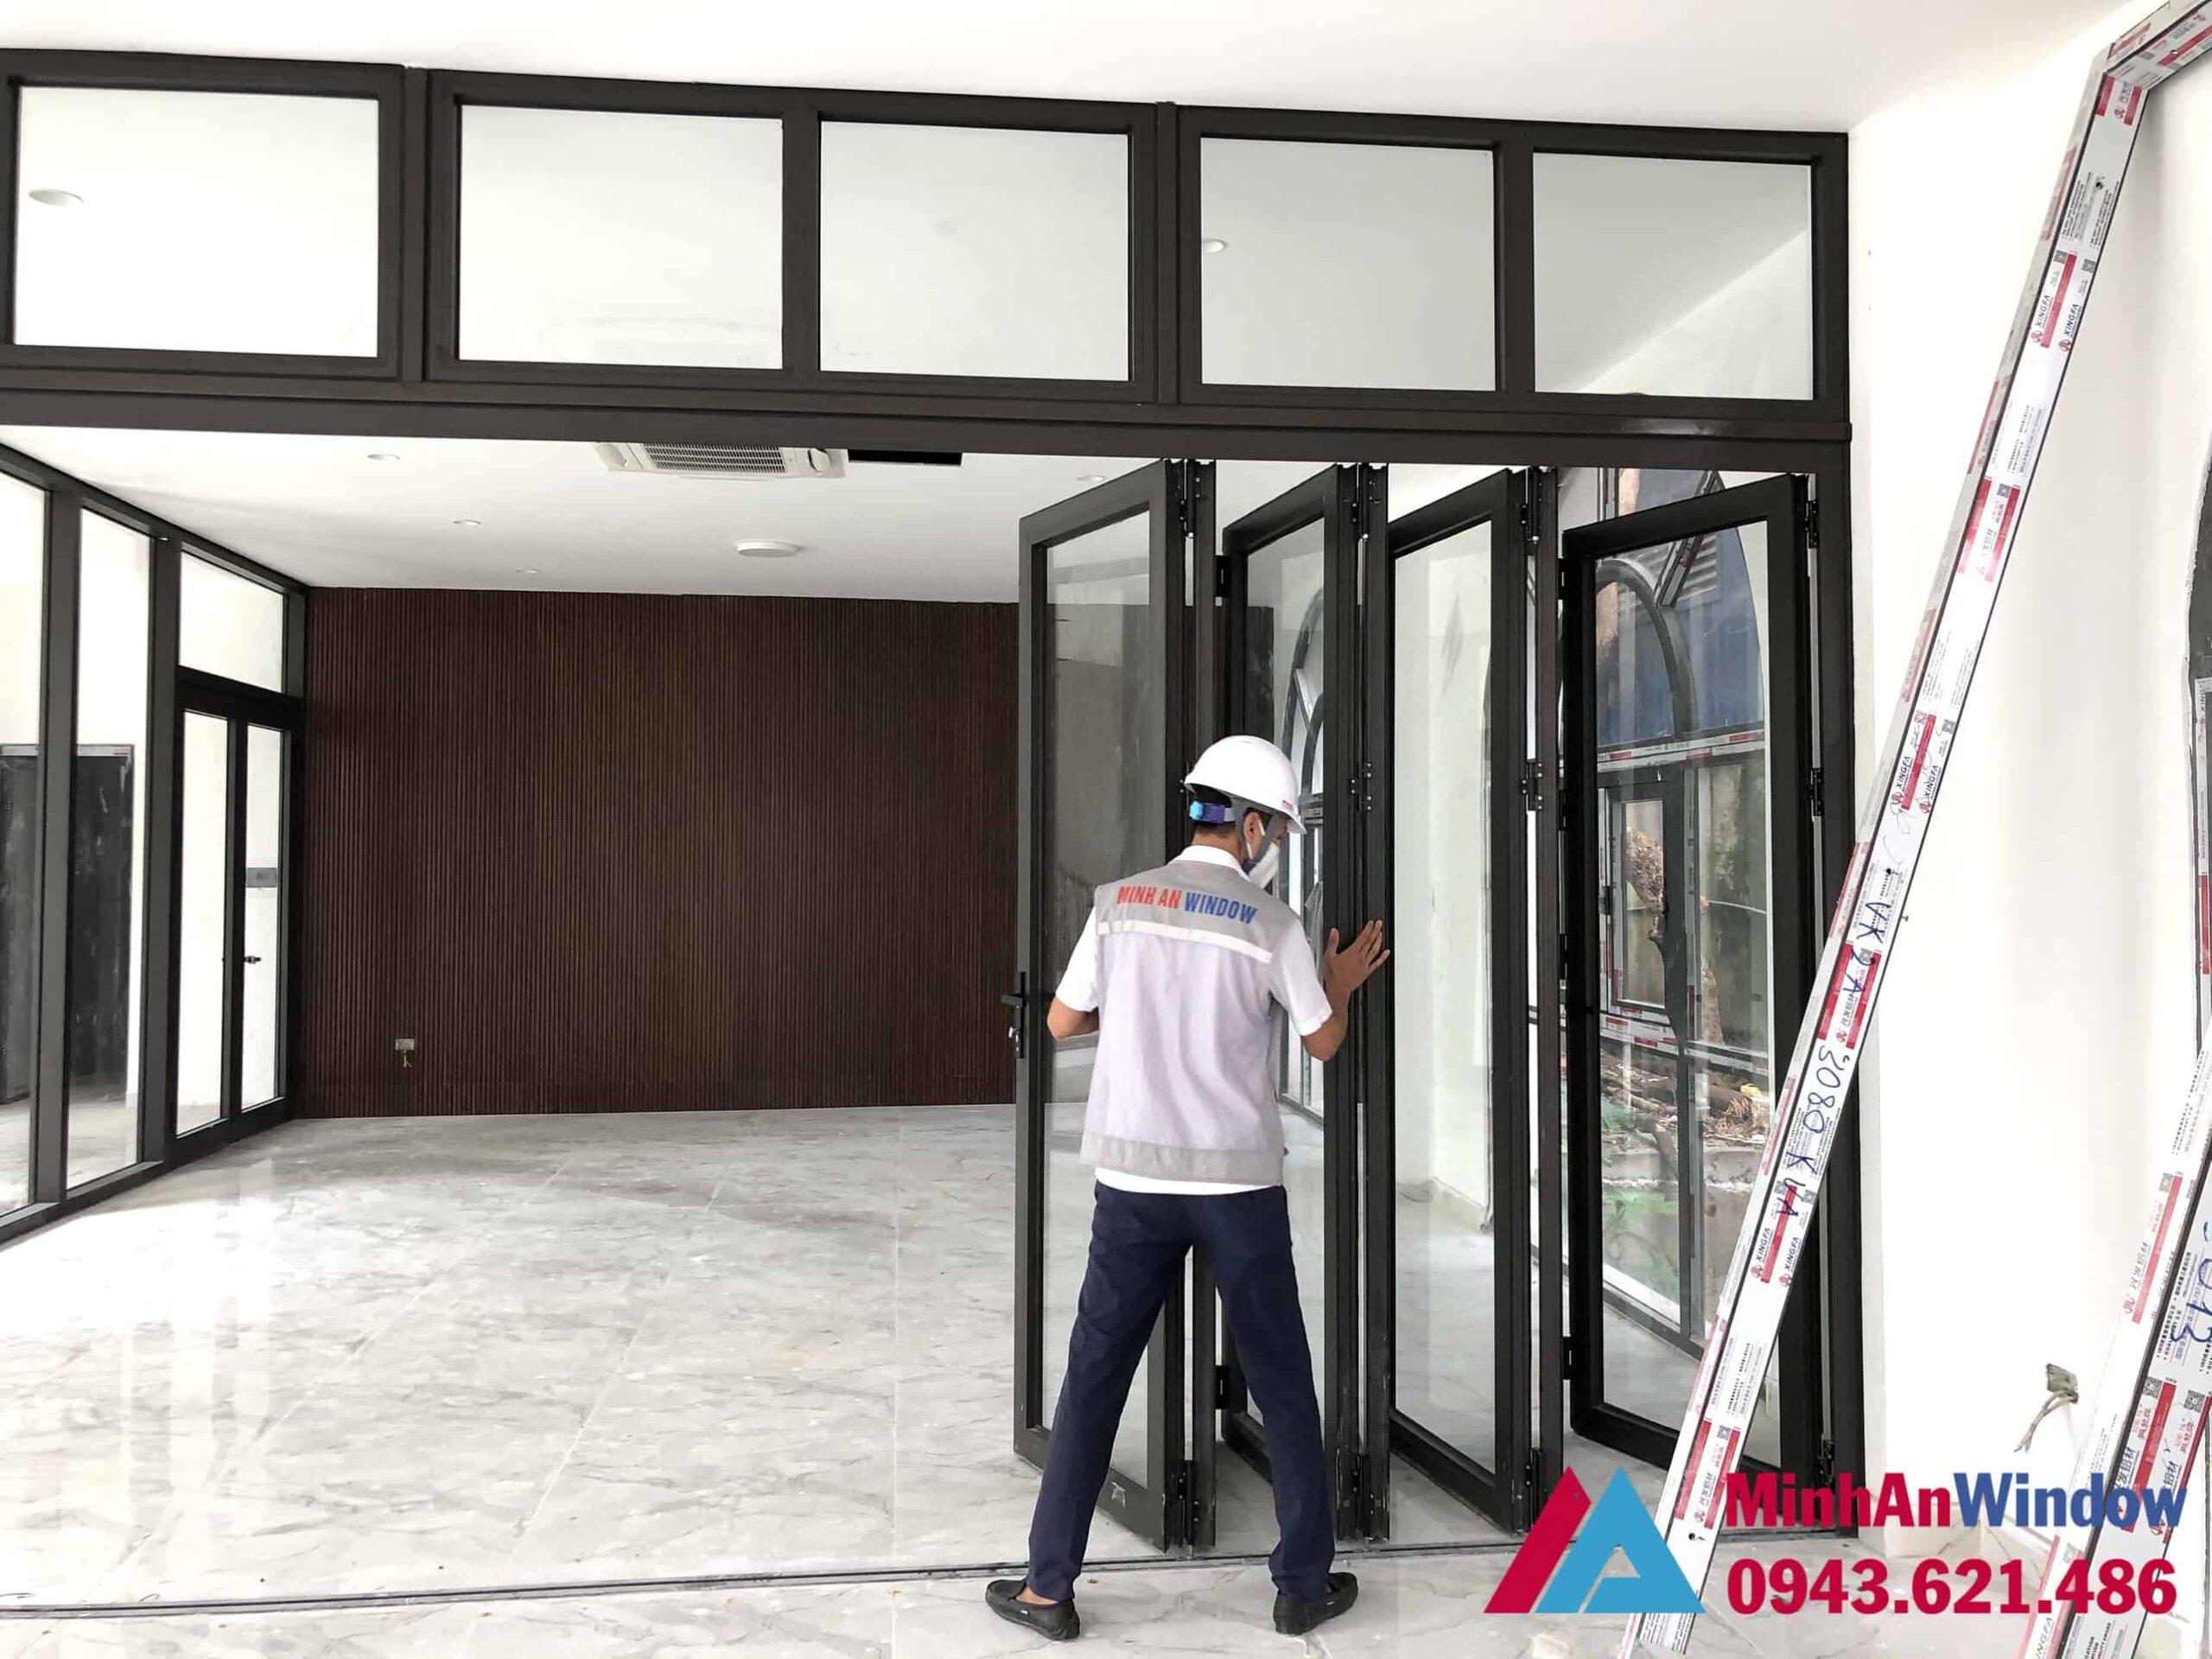 Mẫu cửa đi nhôm kính nhiều cánh do Minh An Window lắp đặt tại nhiều công trình